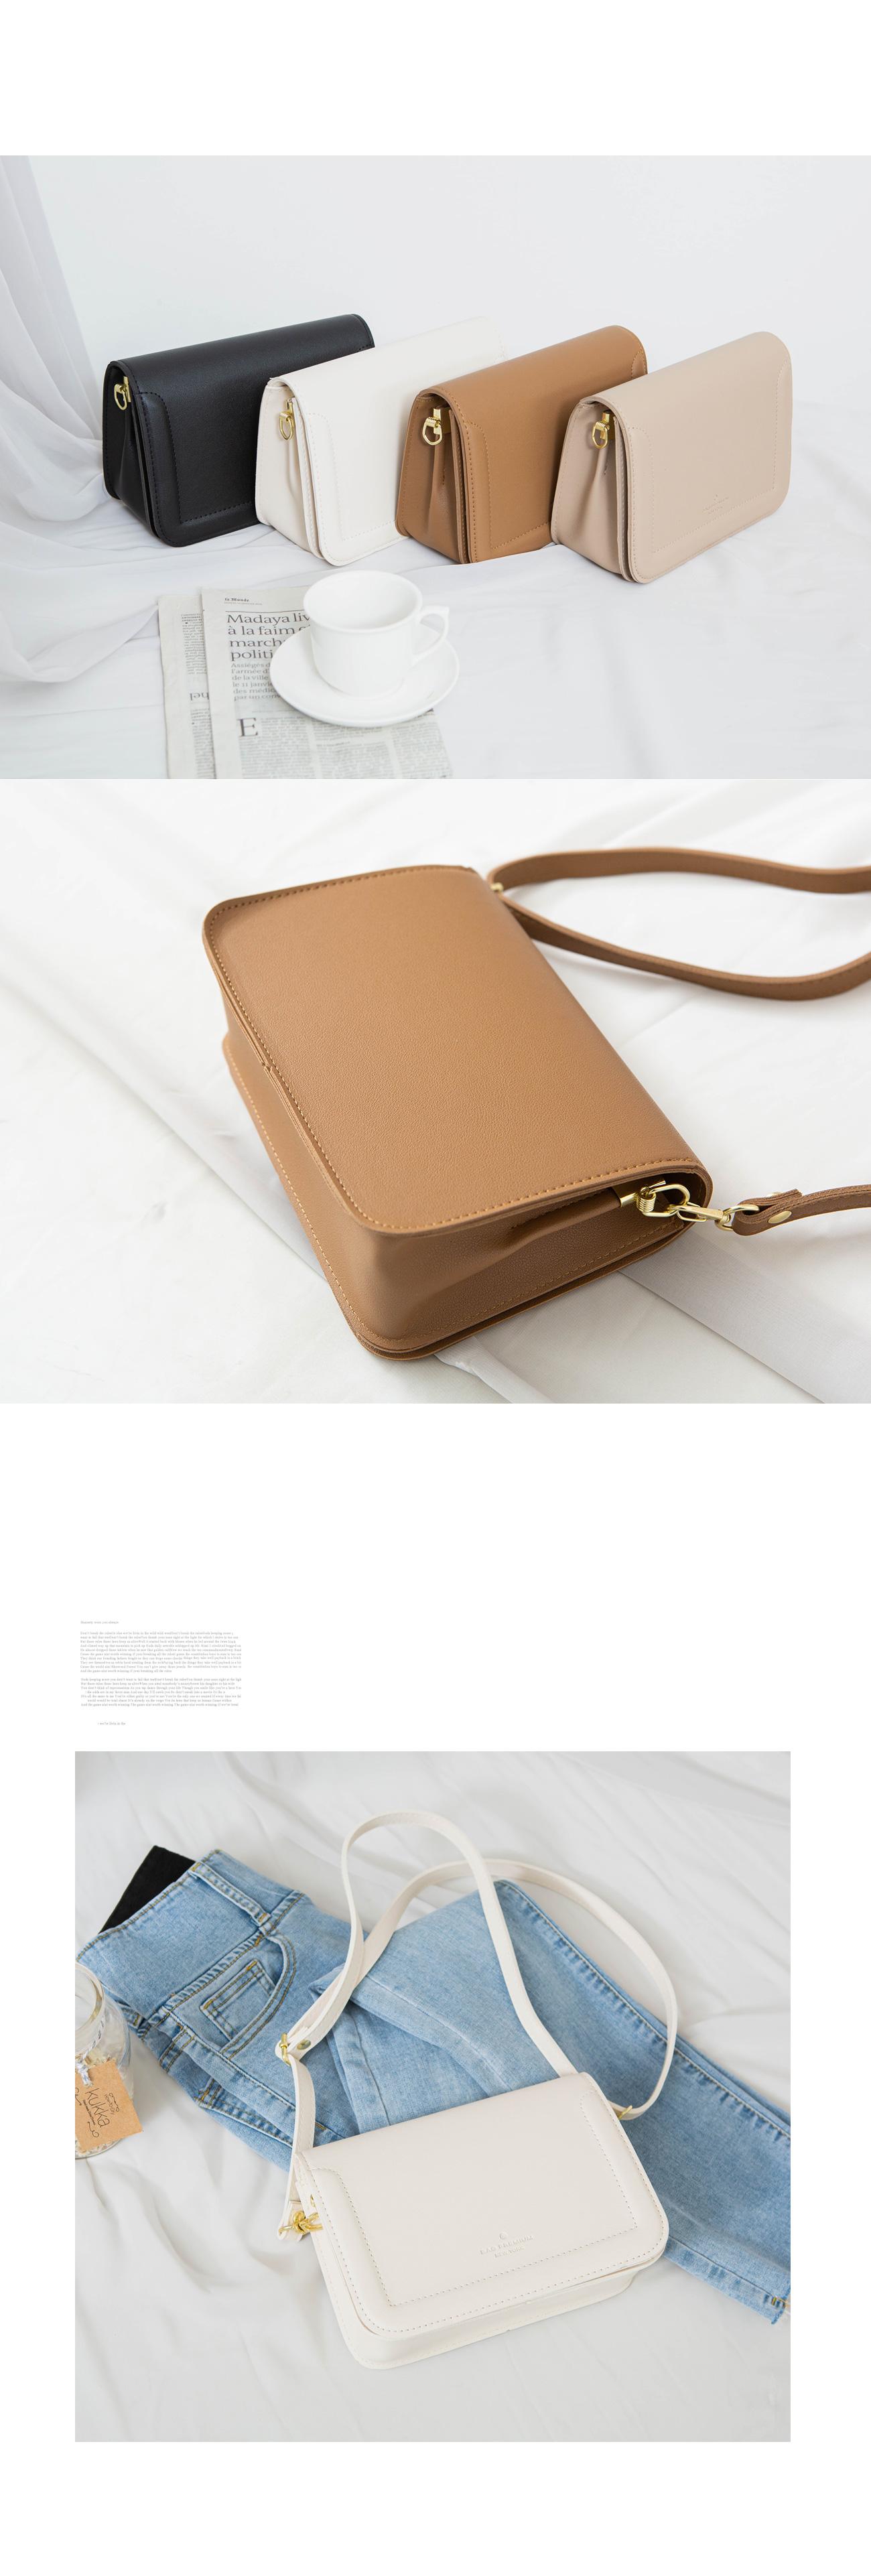 Mini Square Cross Bag #86010